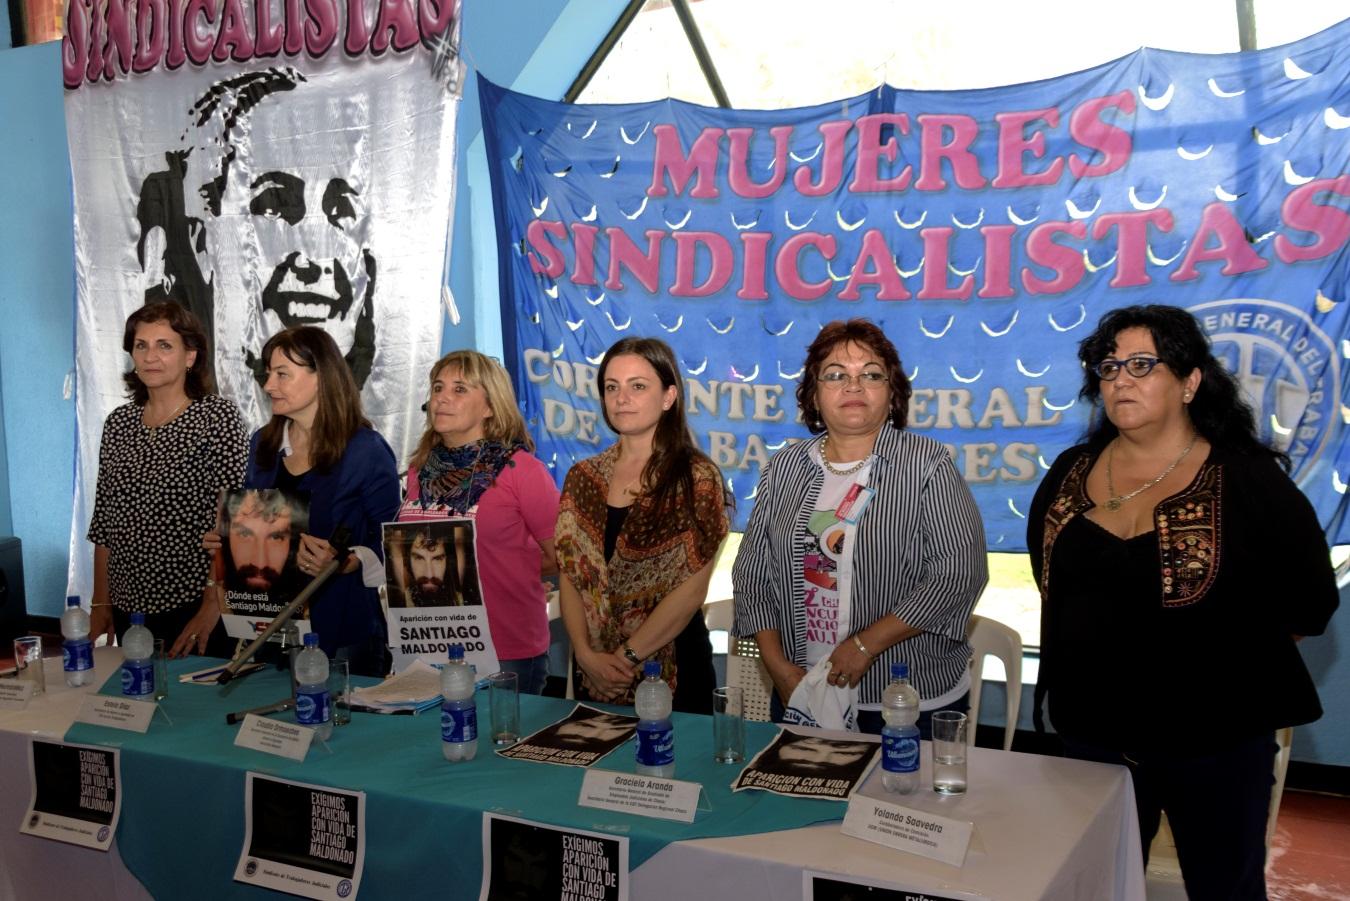 Presentan un cuadernillo sobre la situación de las mujeres en el sindicalismo